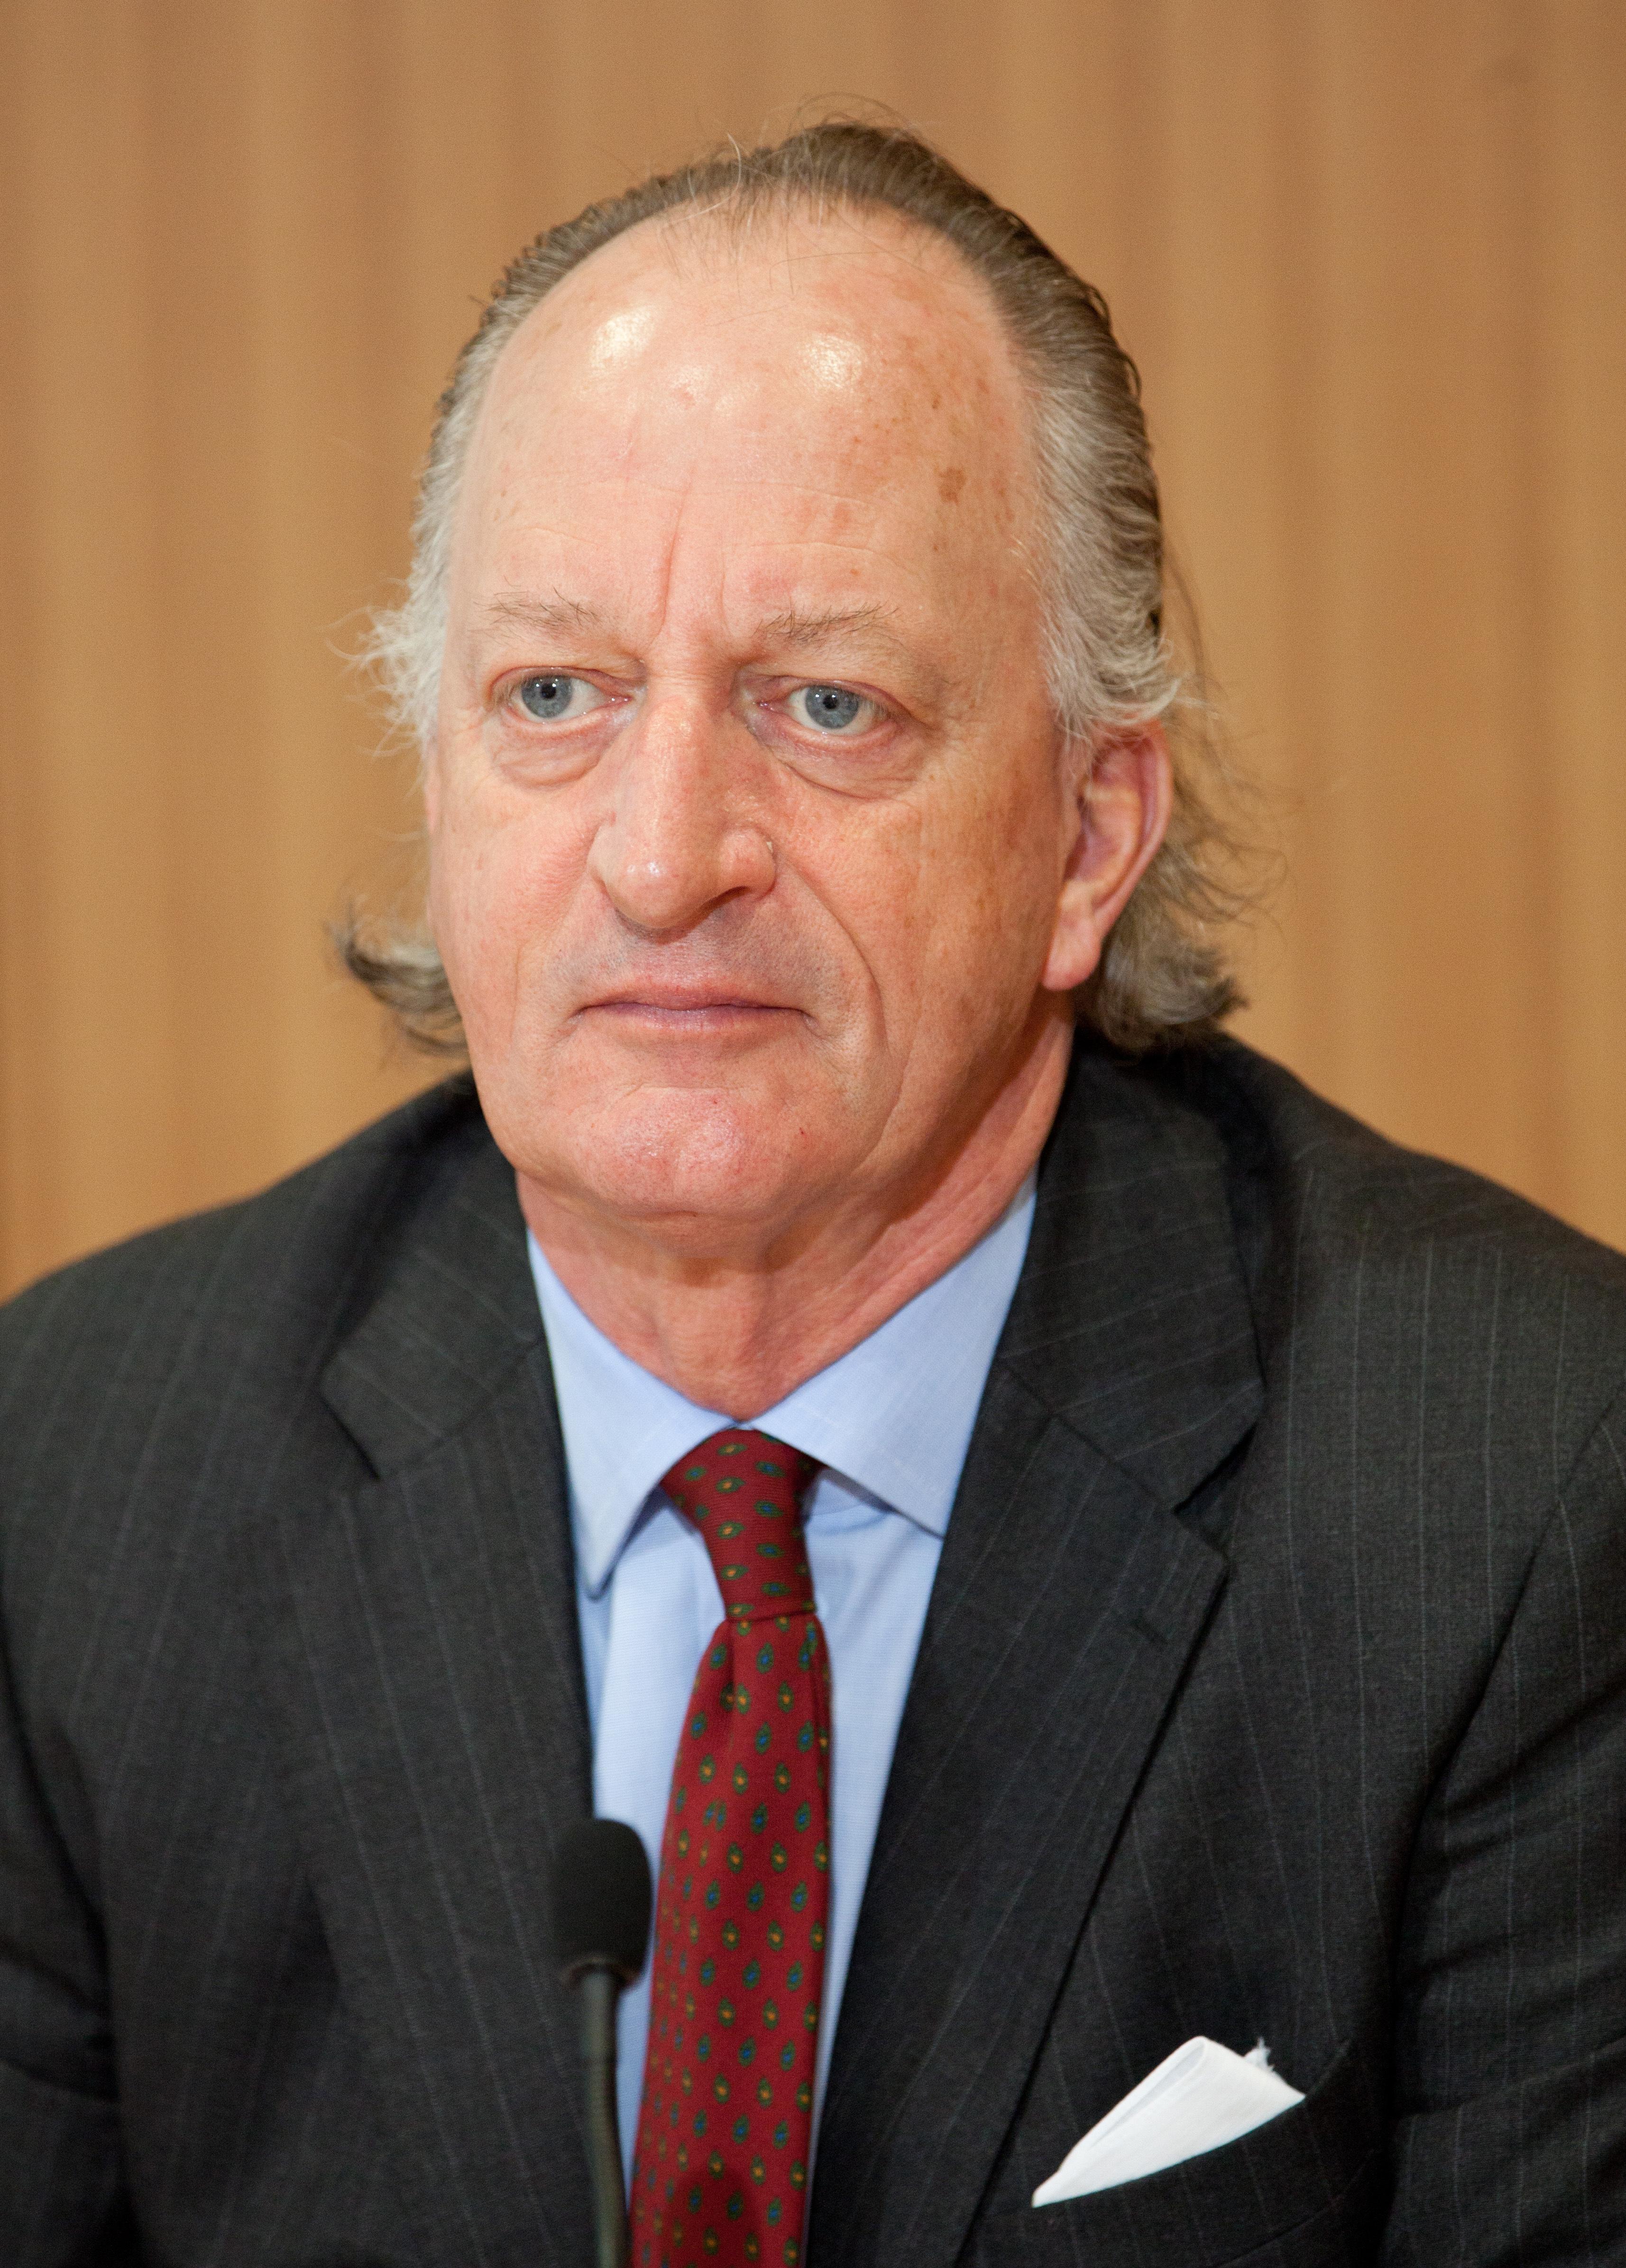 Karl Friedrich Fürst von Hohenzollern